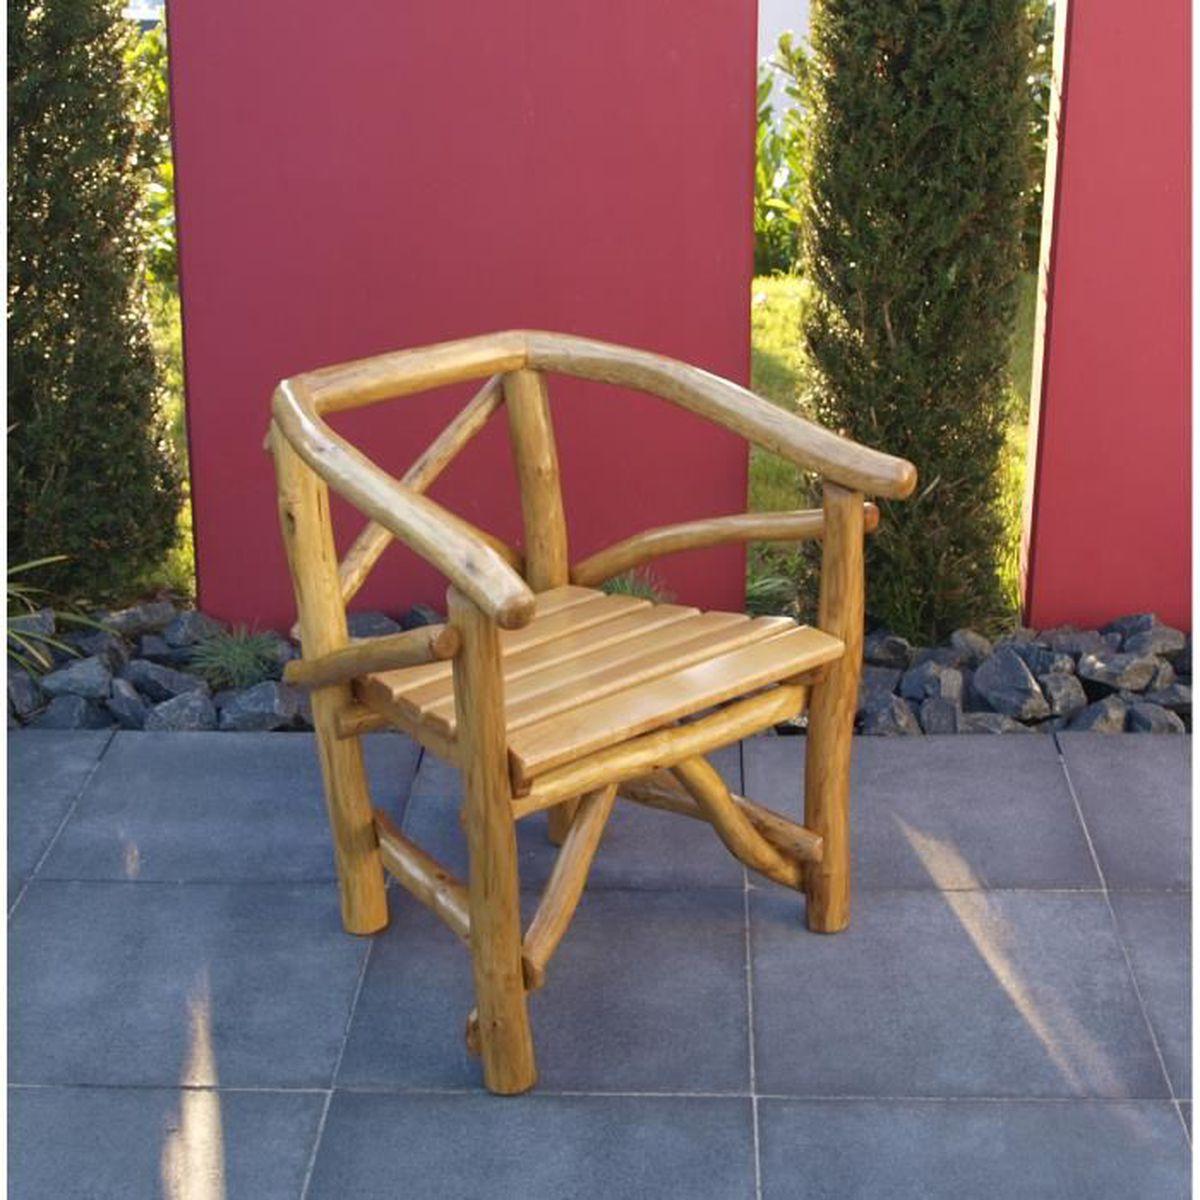 Fauteuil chaise salon de jardin bois chêne clair ROSSBACHTAL - Achat ...